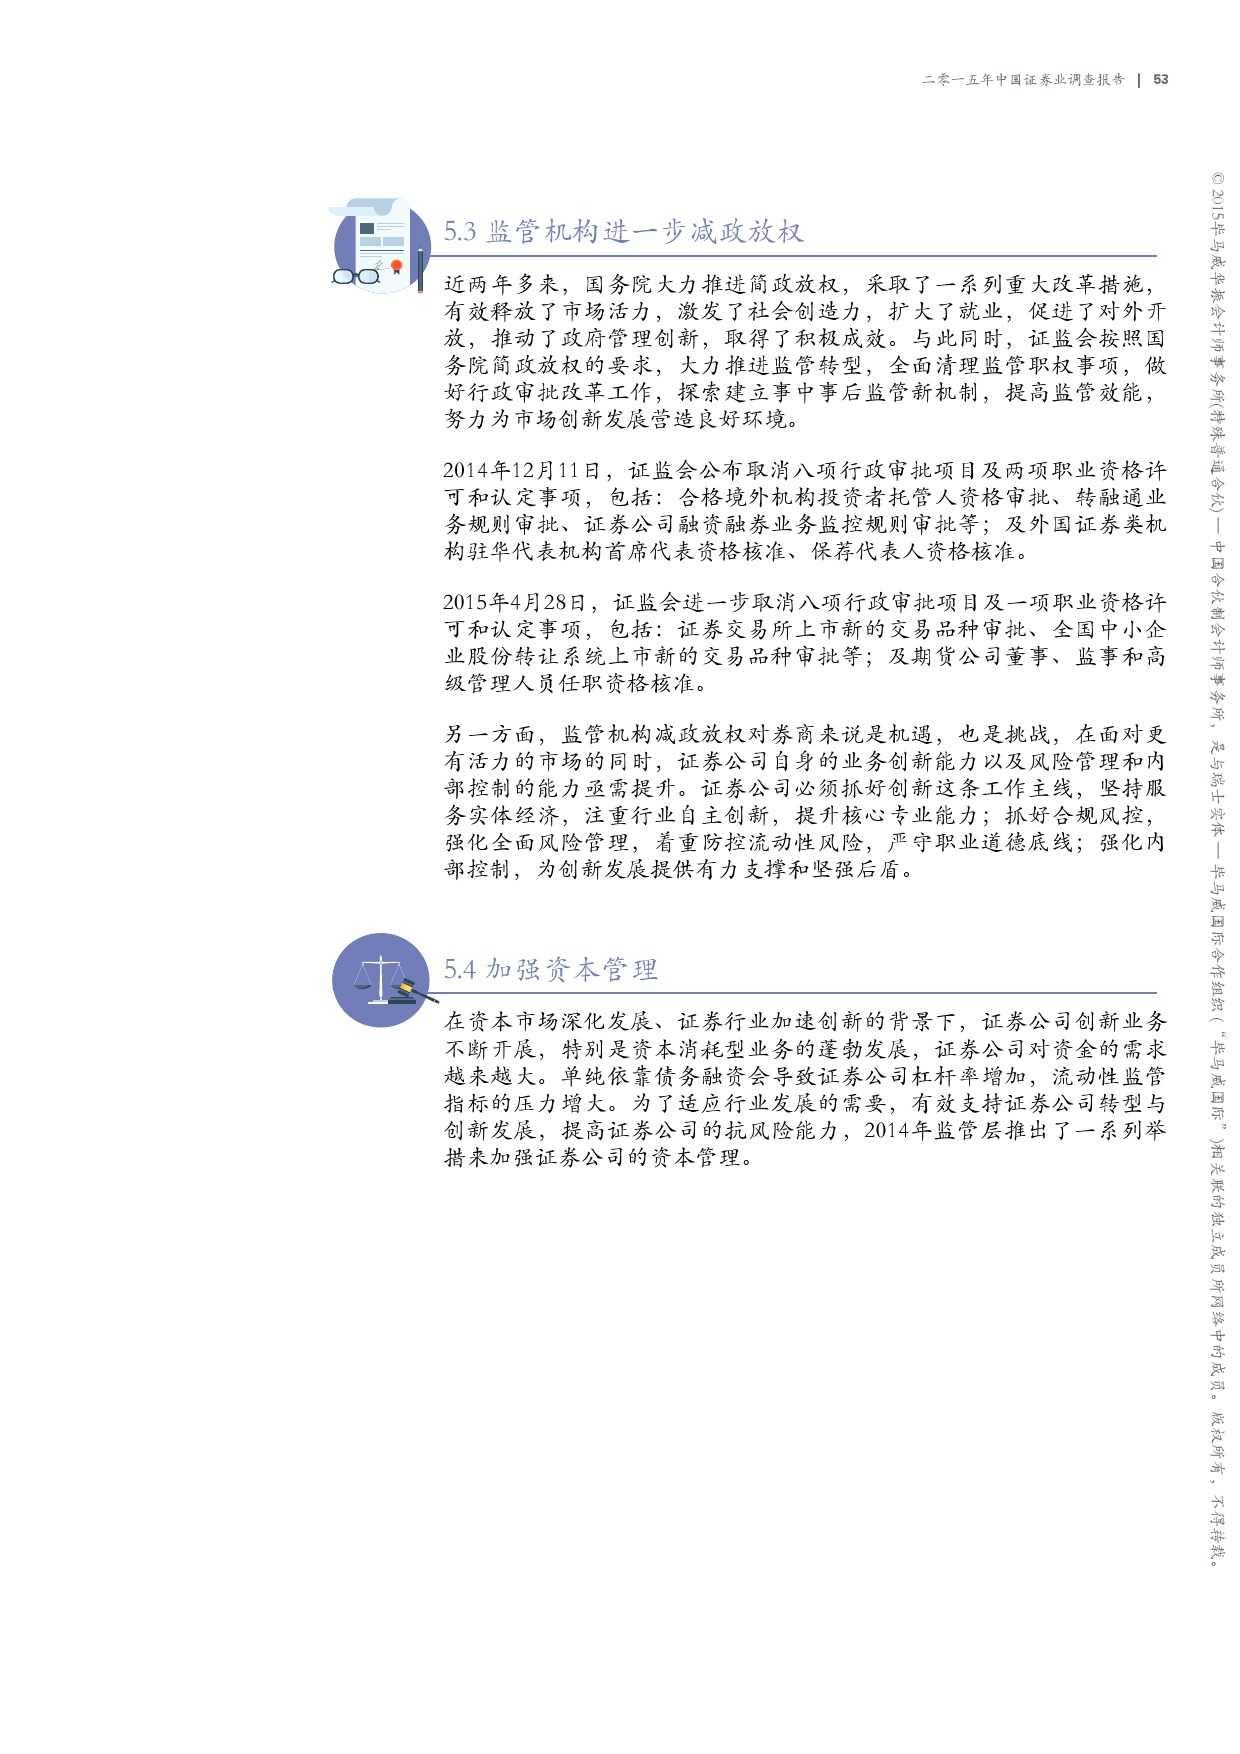 毕马威:2015年中国证券业调查报告_000055